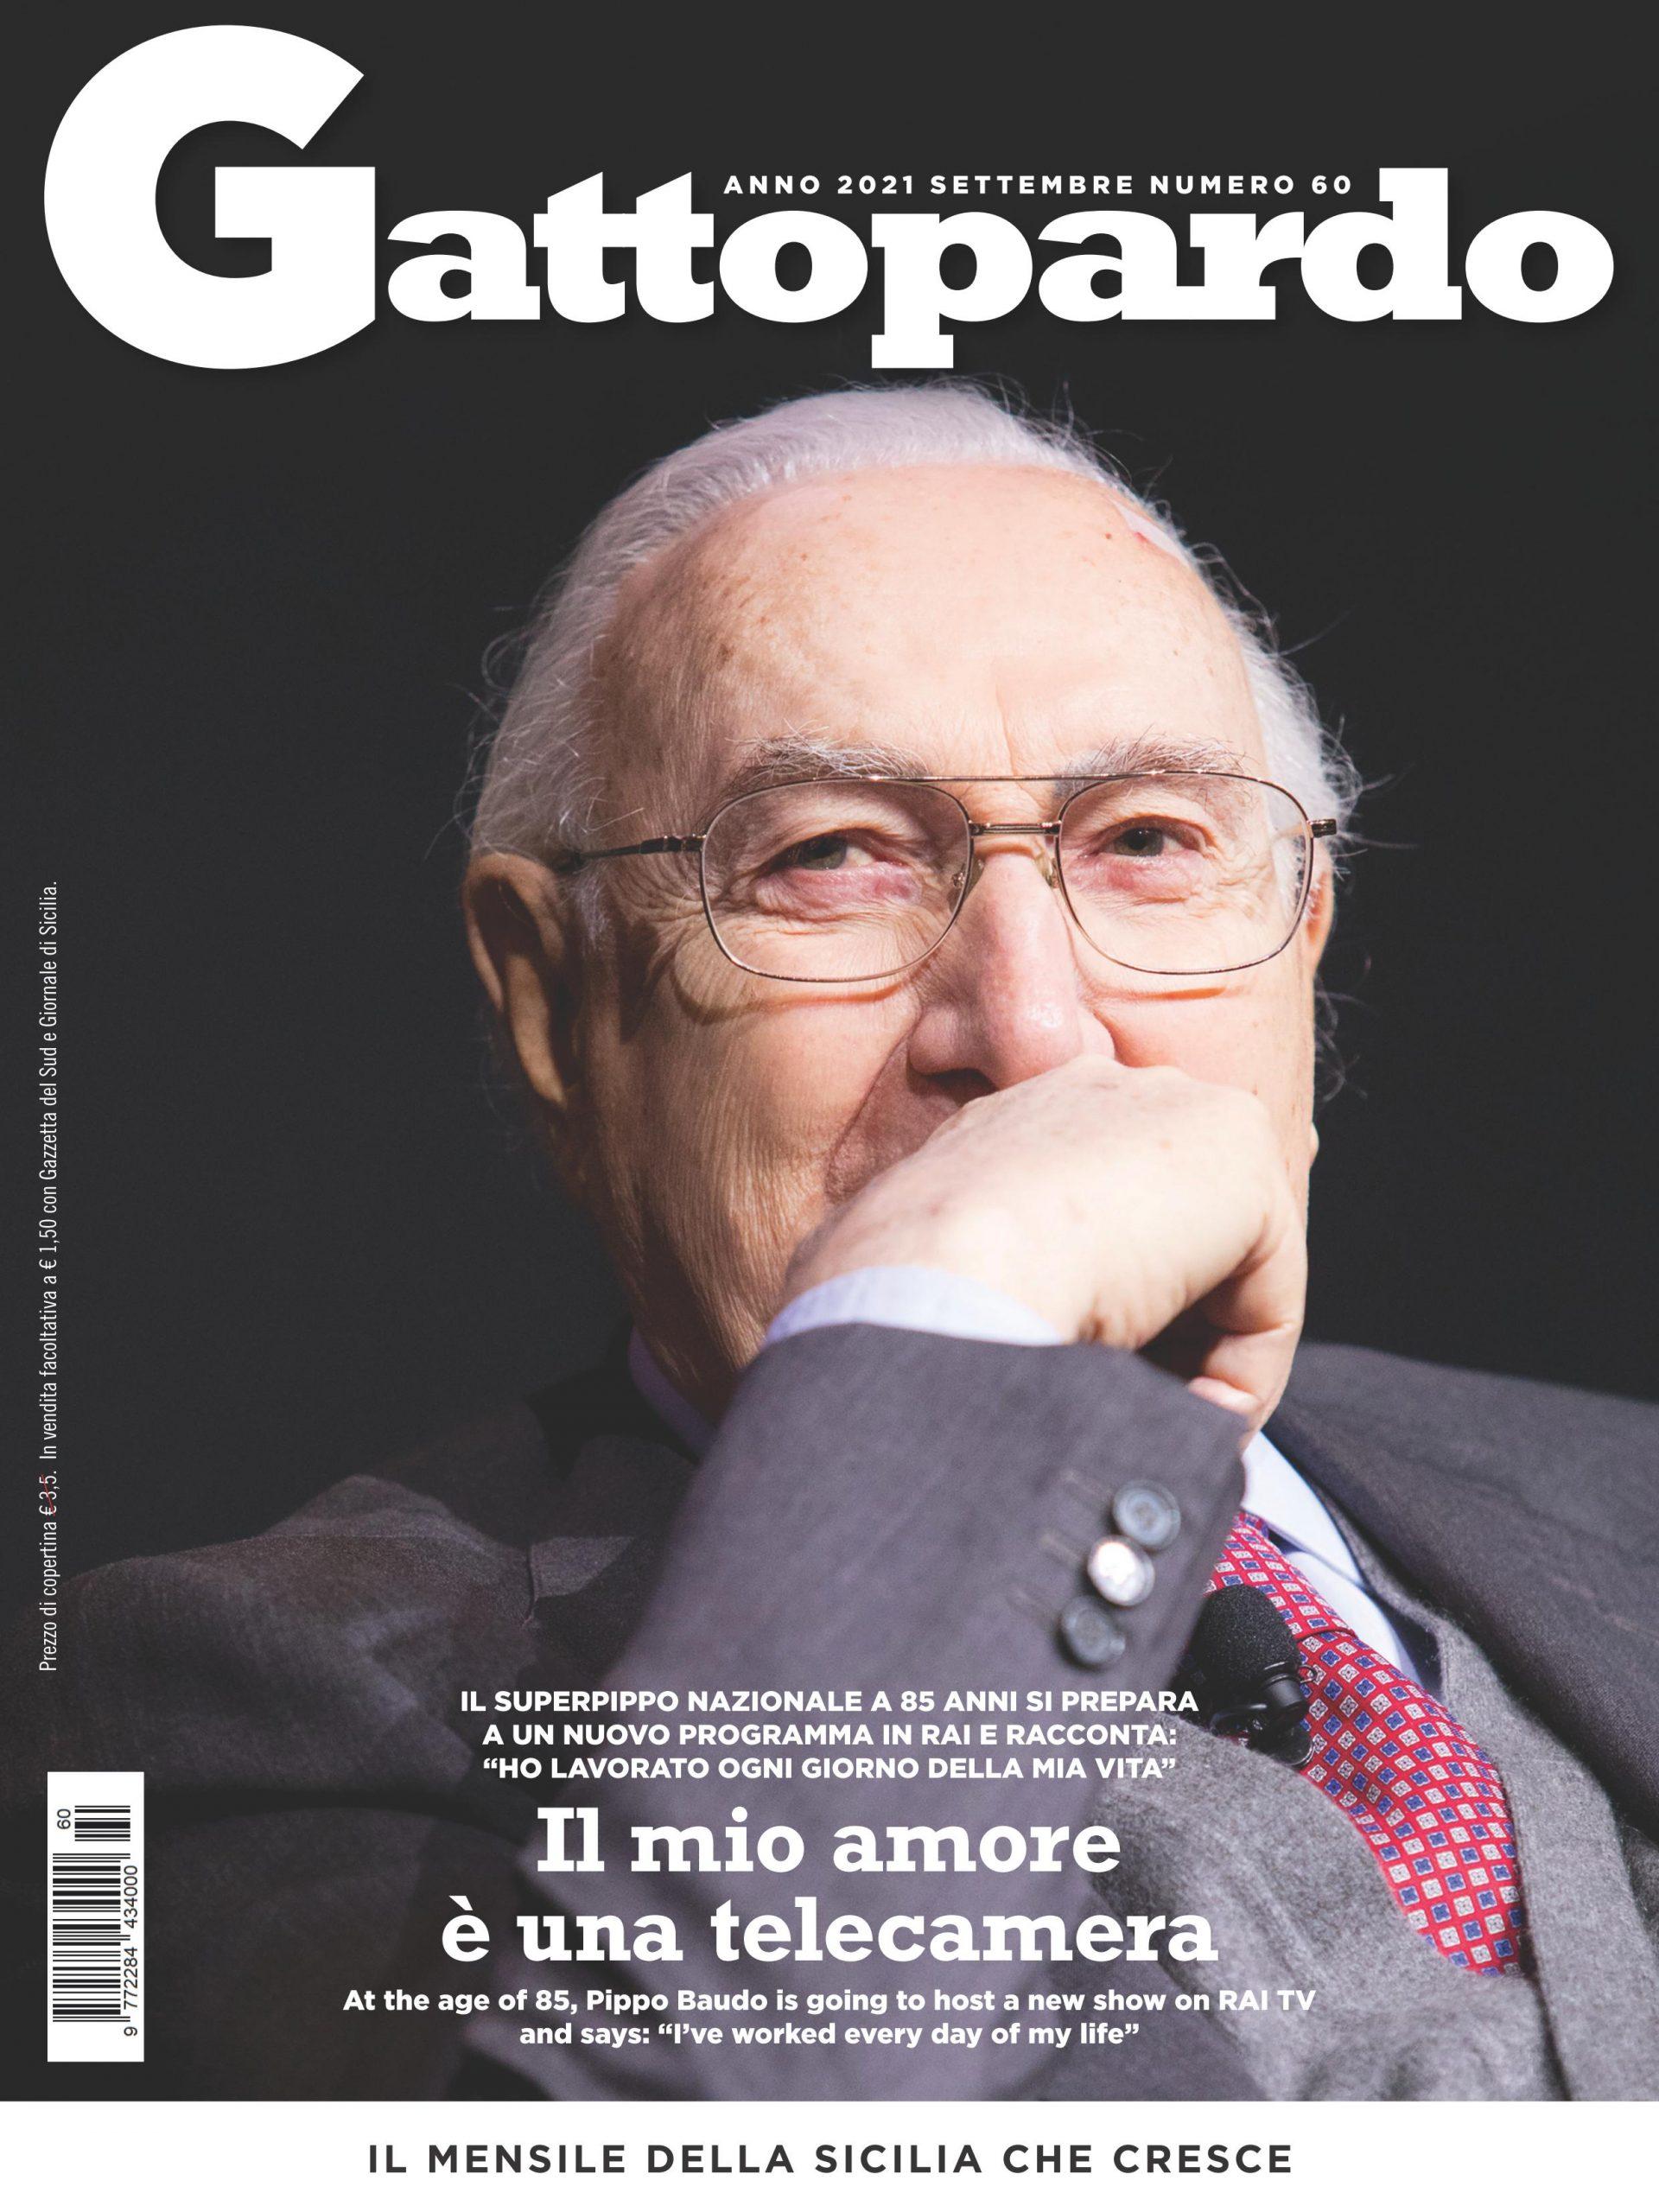 Gattopardo cover